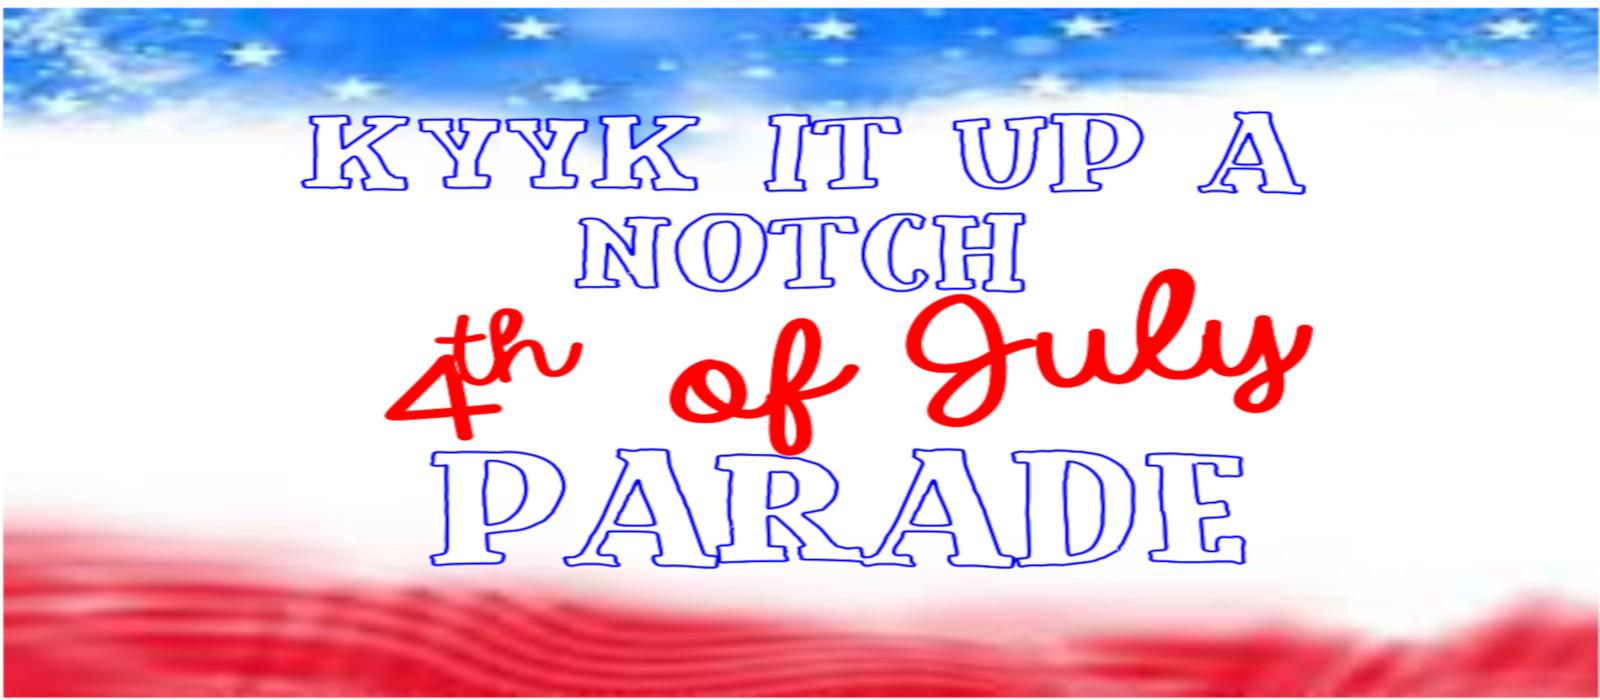 KYYK It Up a Notch Parade!